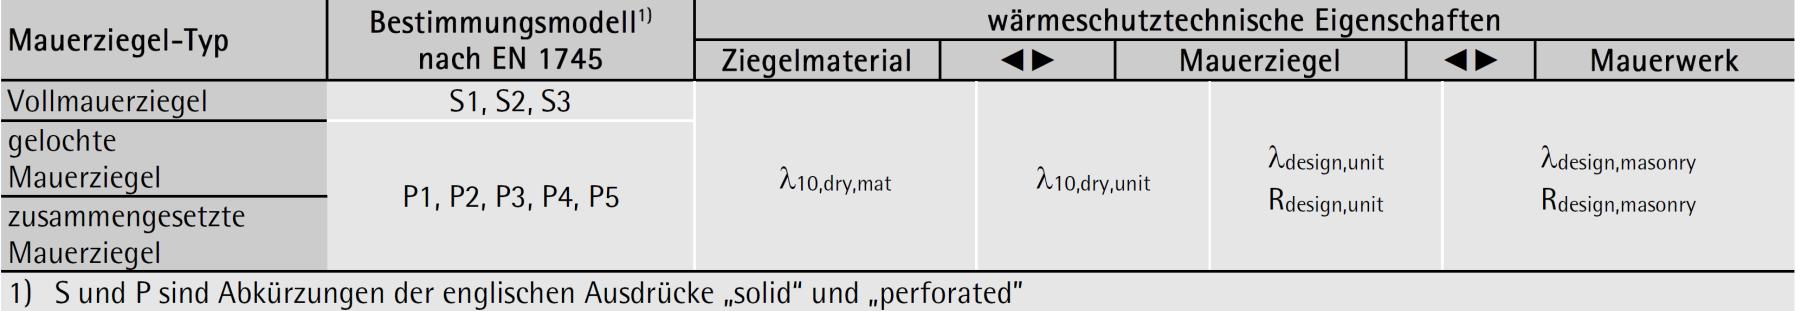 Mauerziegel-Typen und Verfahren – ÖNORM B 3200